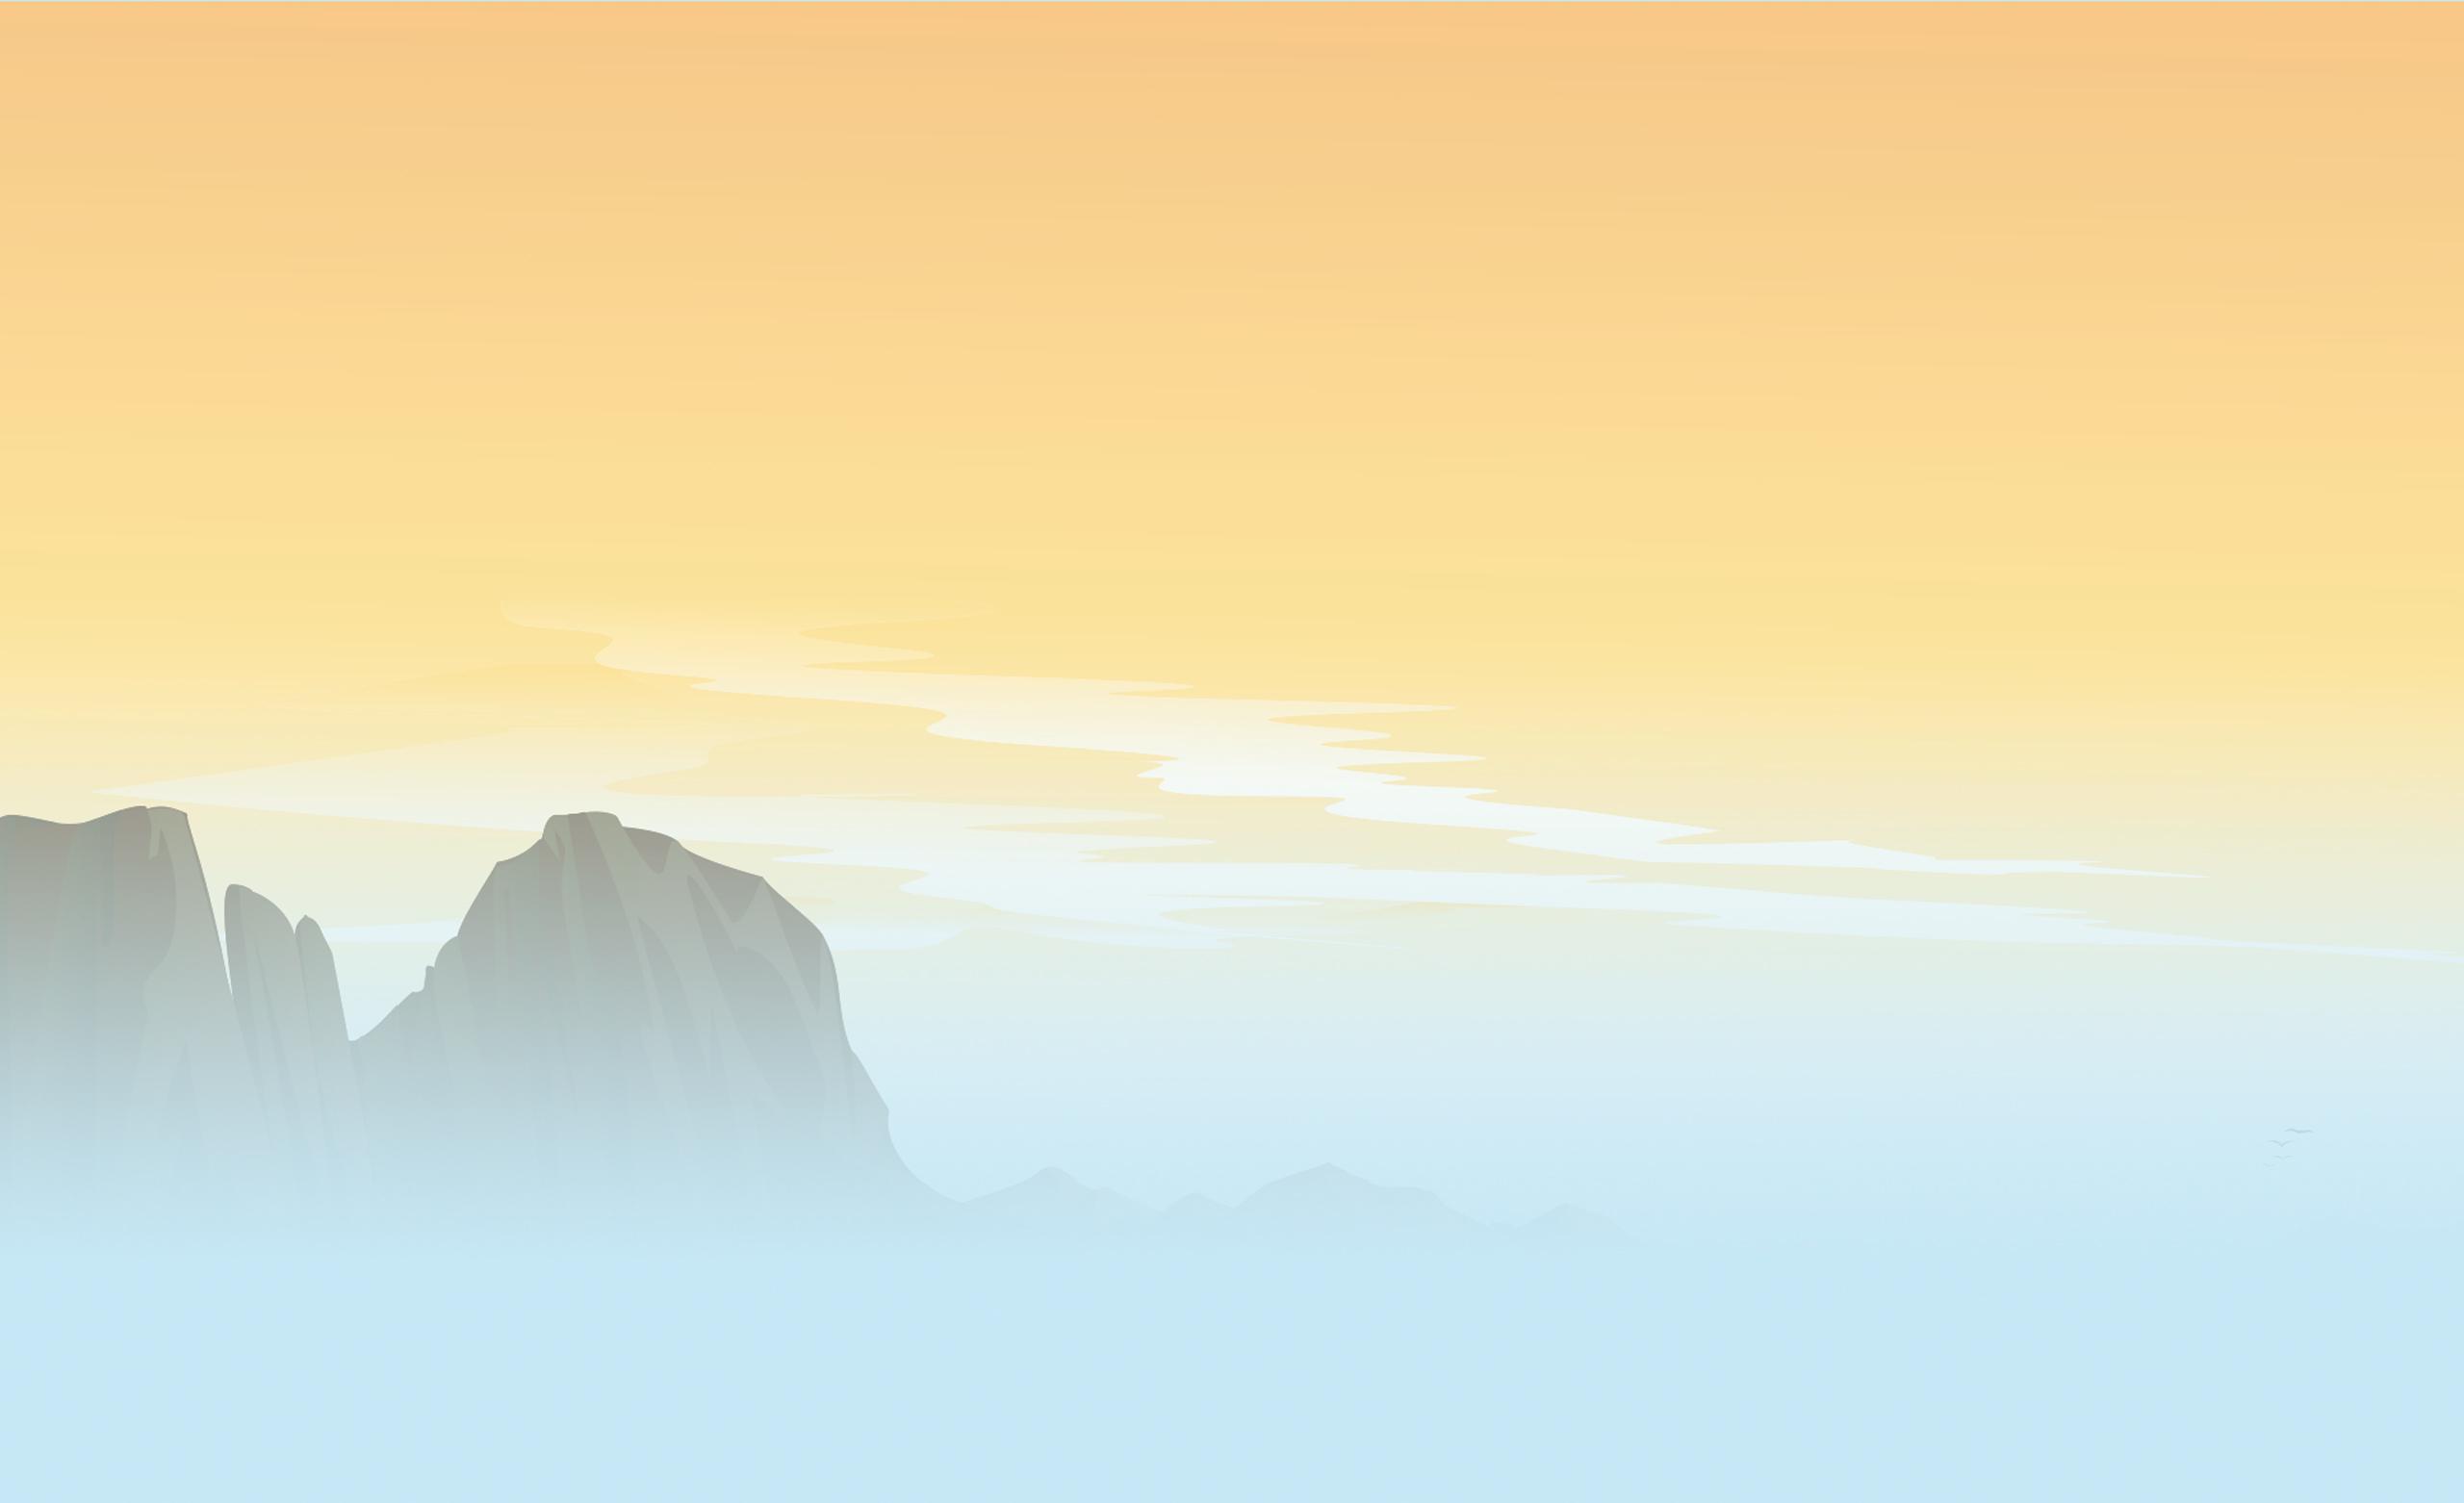 Landschaft Hintergrund